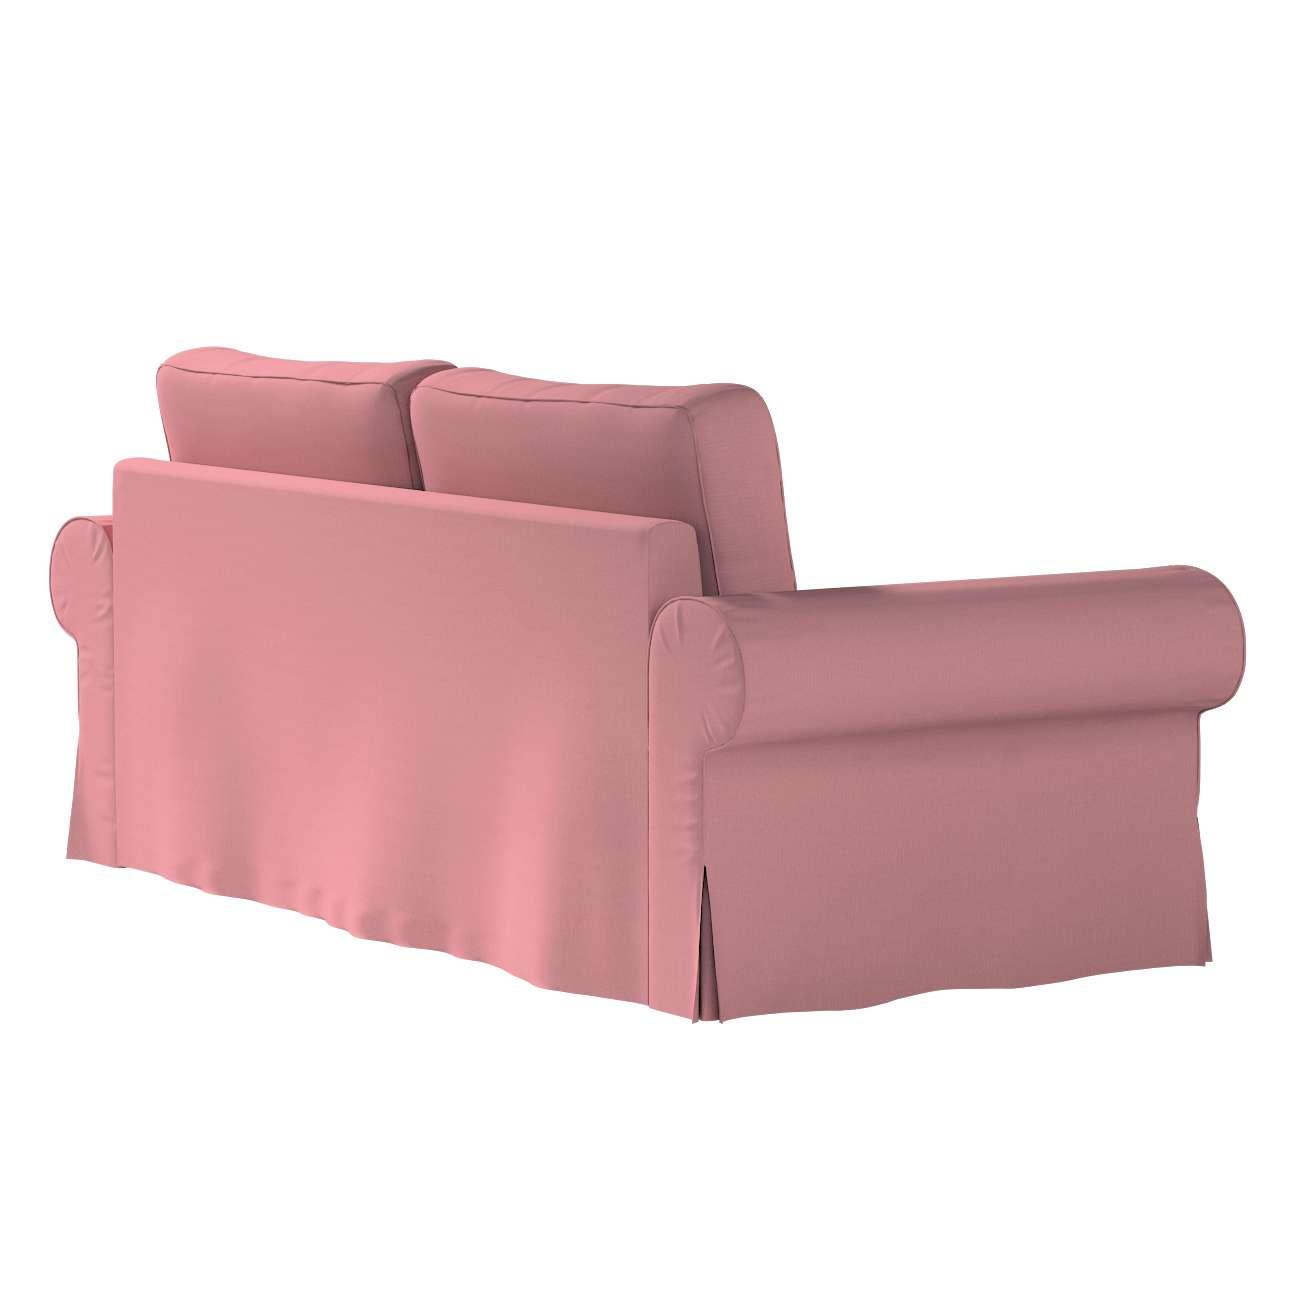 Pokrowiec na sofę Backabro 3-osobową rozkładaną w kolekcji Cotton Panama, tkanina: 702-43